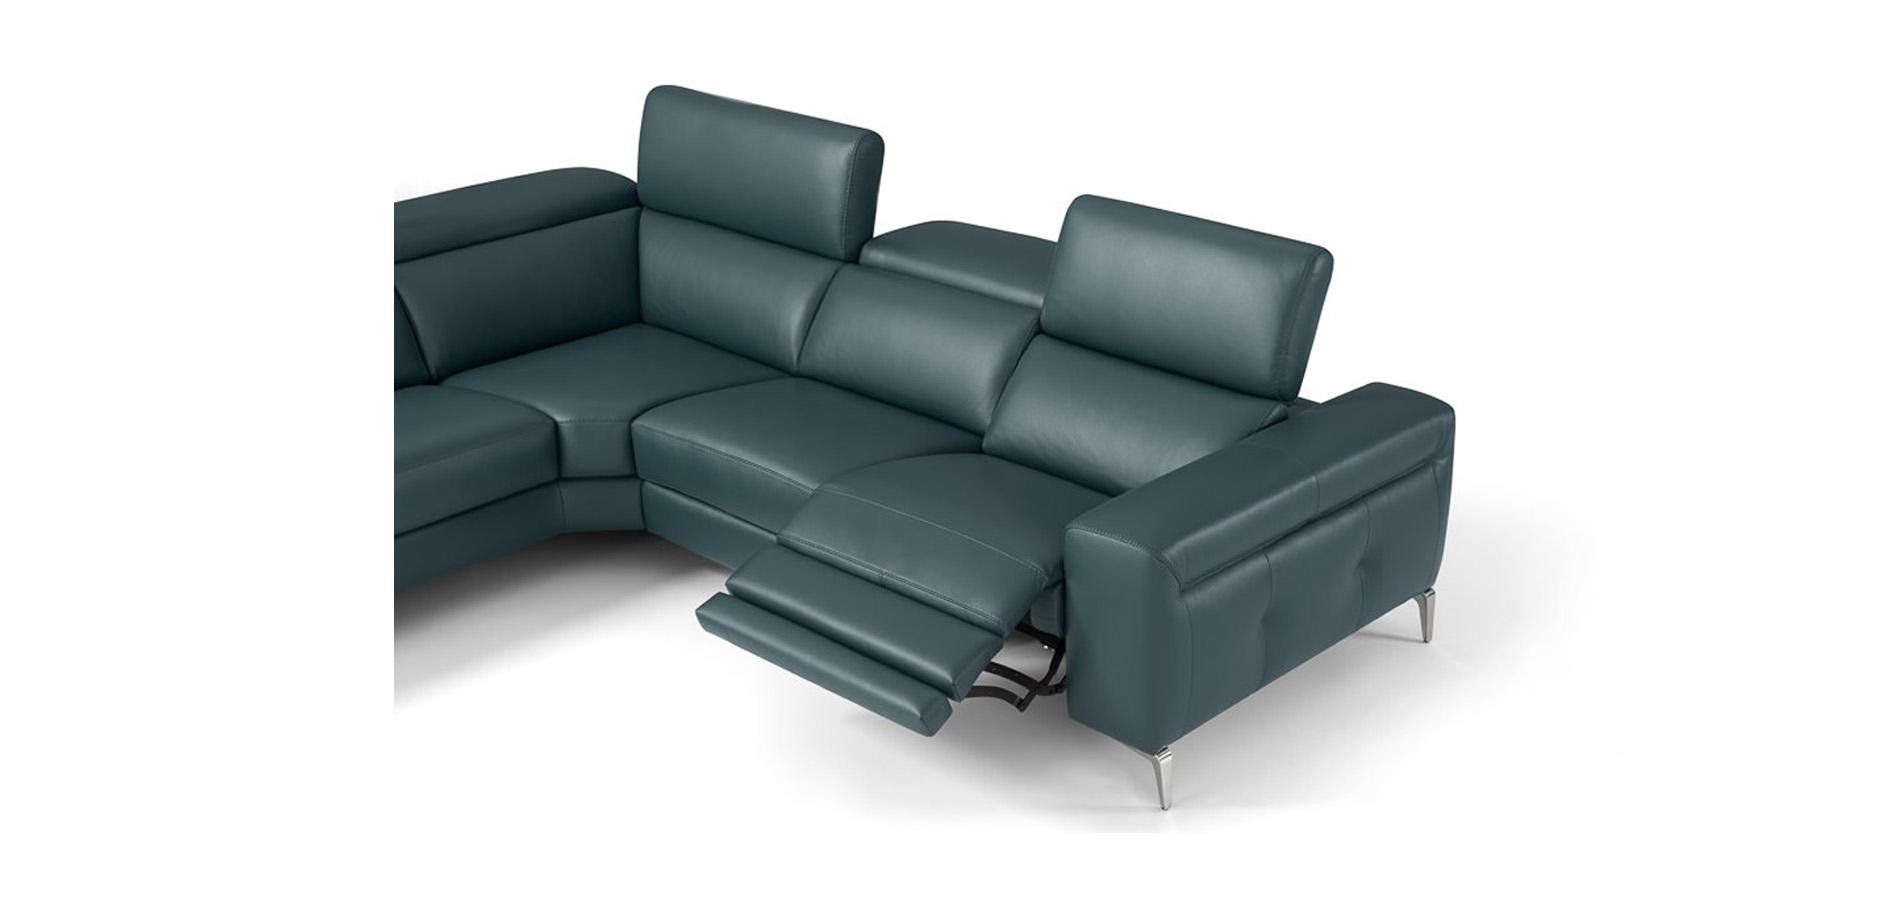 Ιταλικός καναπές Max Divani